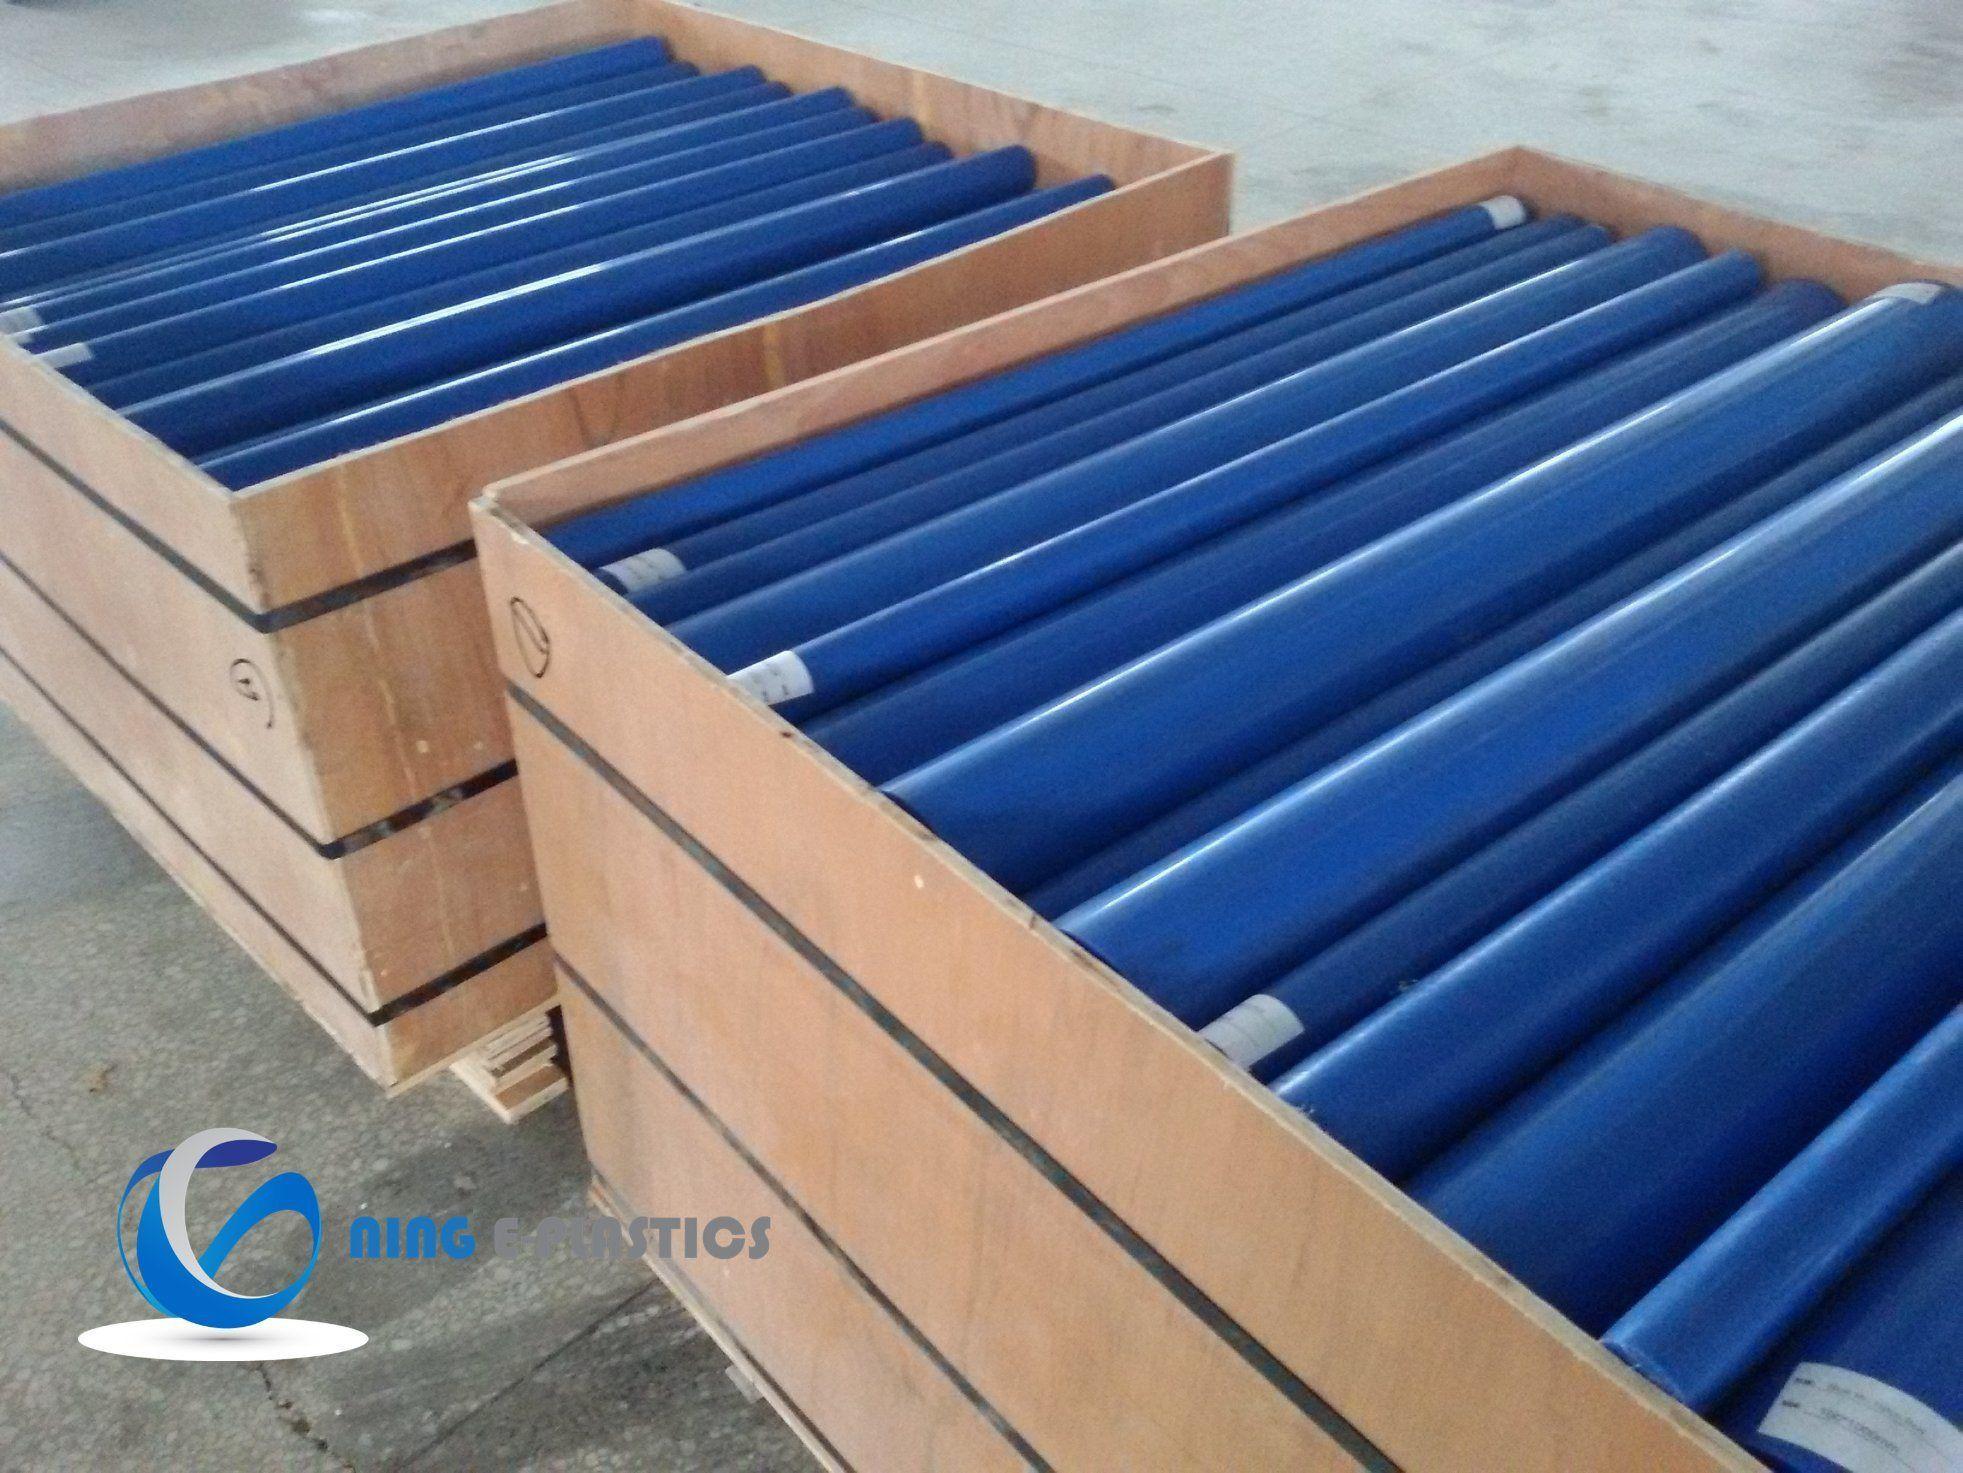 Blue Polyamide 6 Nylon Rod for Plastic Bearings